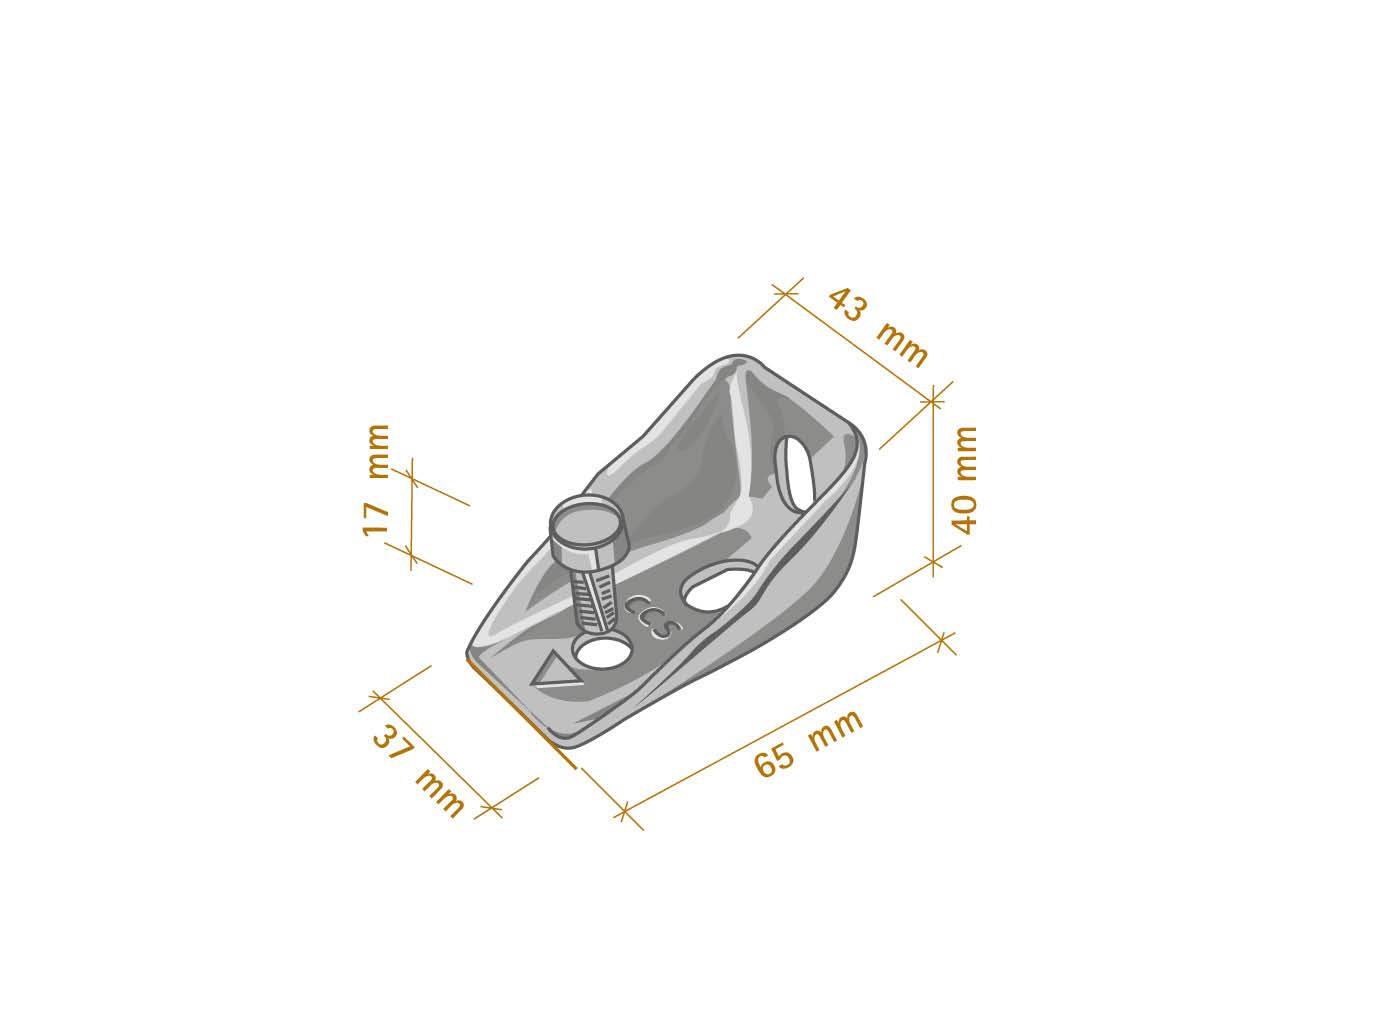 dimensioni-connettore-acciaio-P31-2